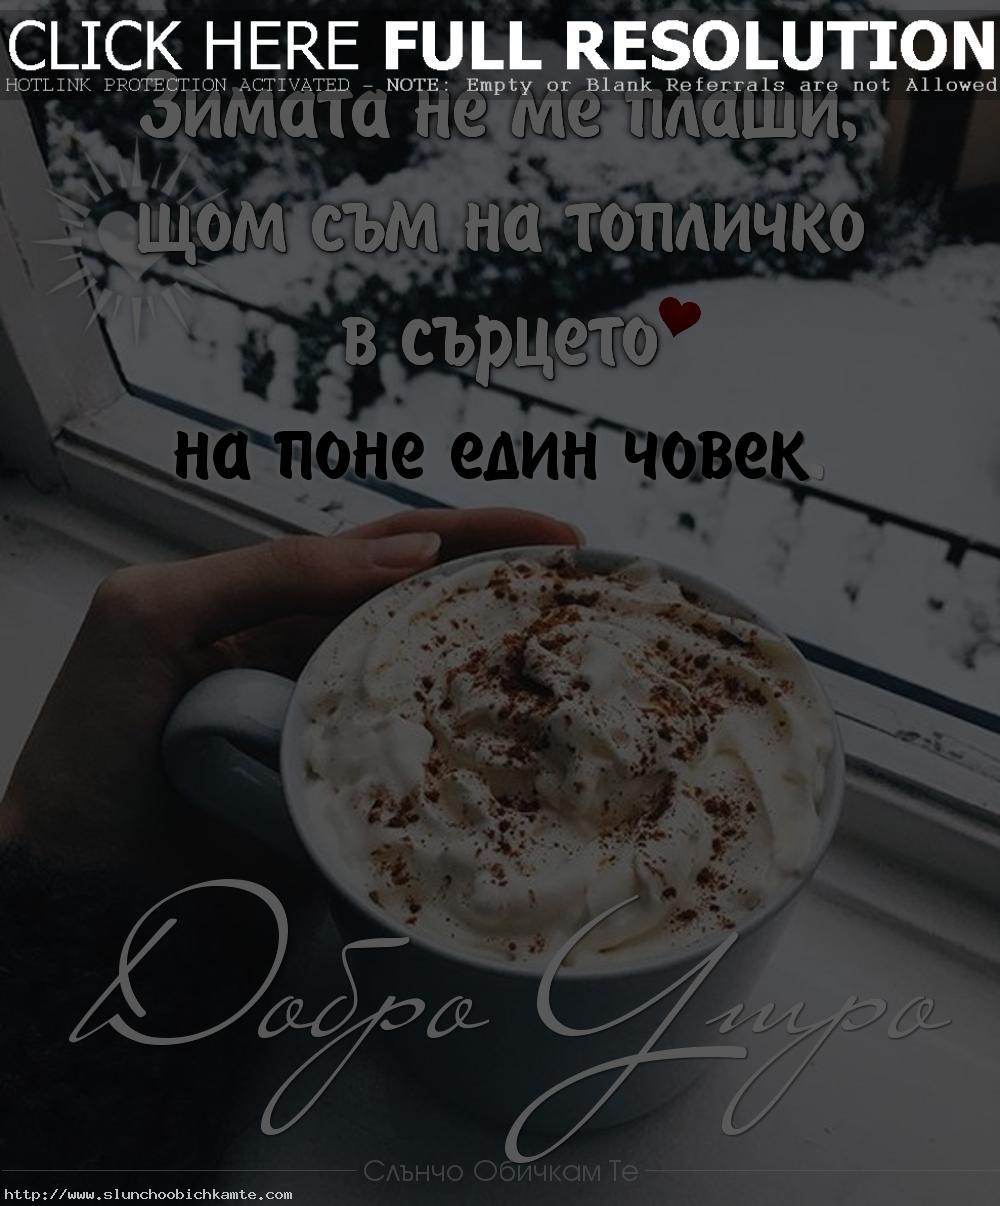 Зимата не ме плаши, щом съм на топличко в сърцето на поне един човек. Добро утро! - Коледа 2019, пожелания за добро утро, коледни пожелания, коледни статуси, коледни цитати, коледни мисли, коледни фрази, добро утро зима, добро утро сняг, добро утро кафе, добро утро в сряда, понеделник, петък, студено добро утро